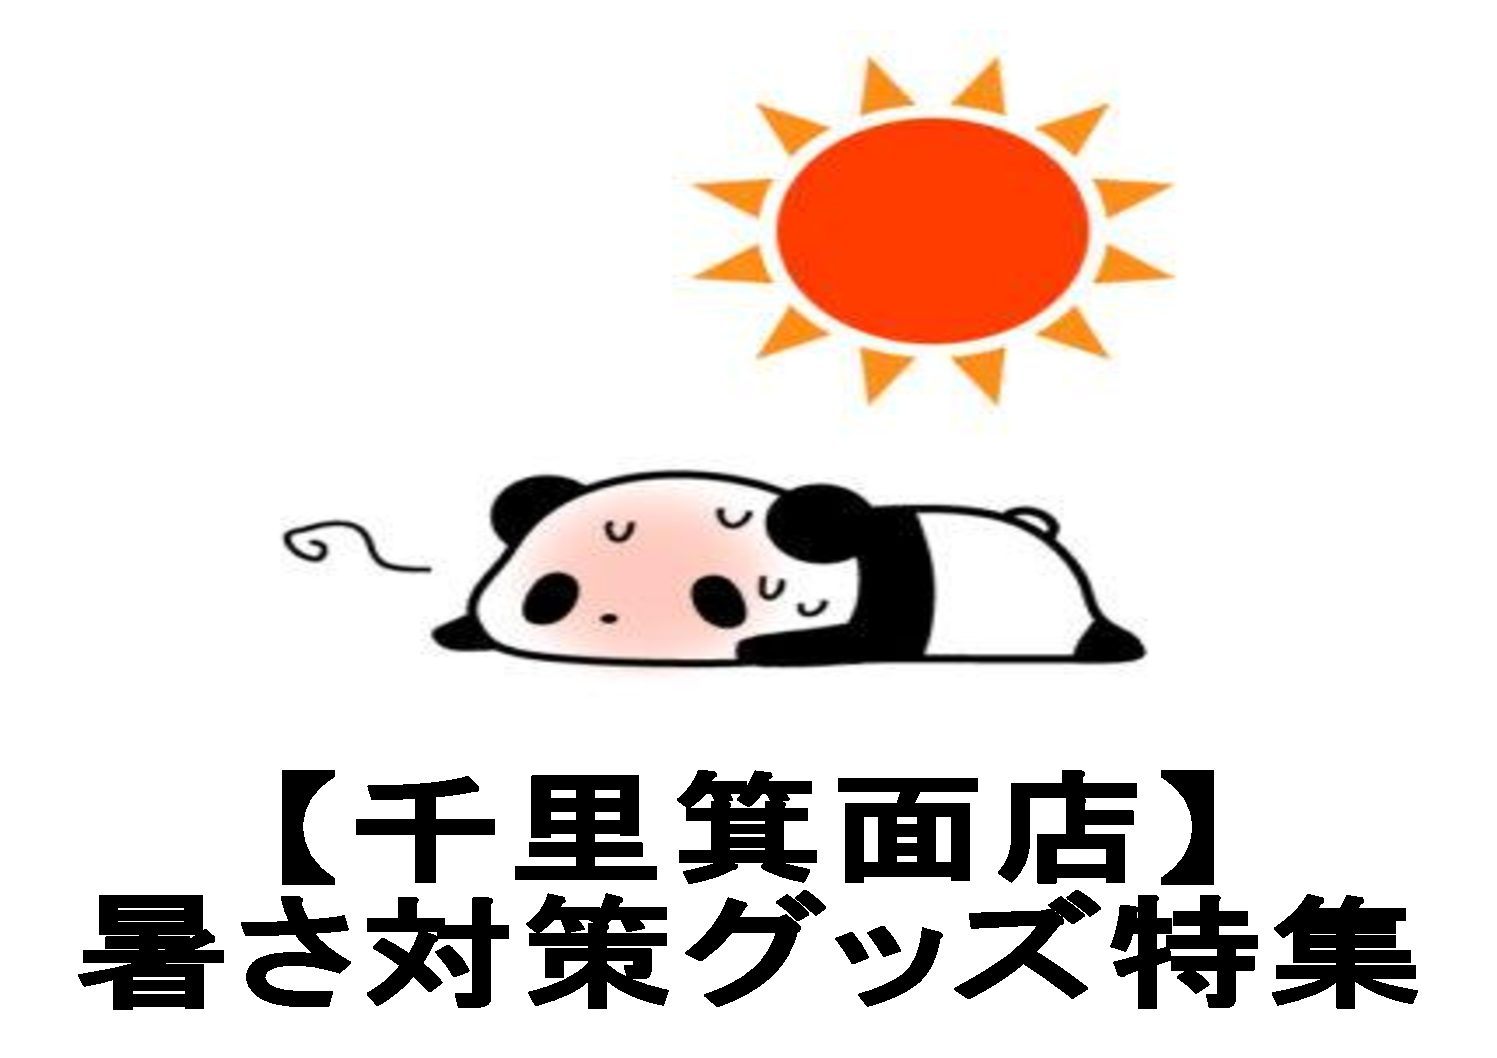 【千里箕面店】熱中症(暑さ)対策特集